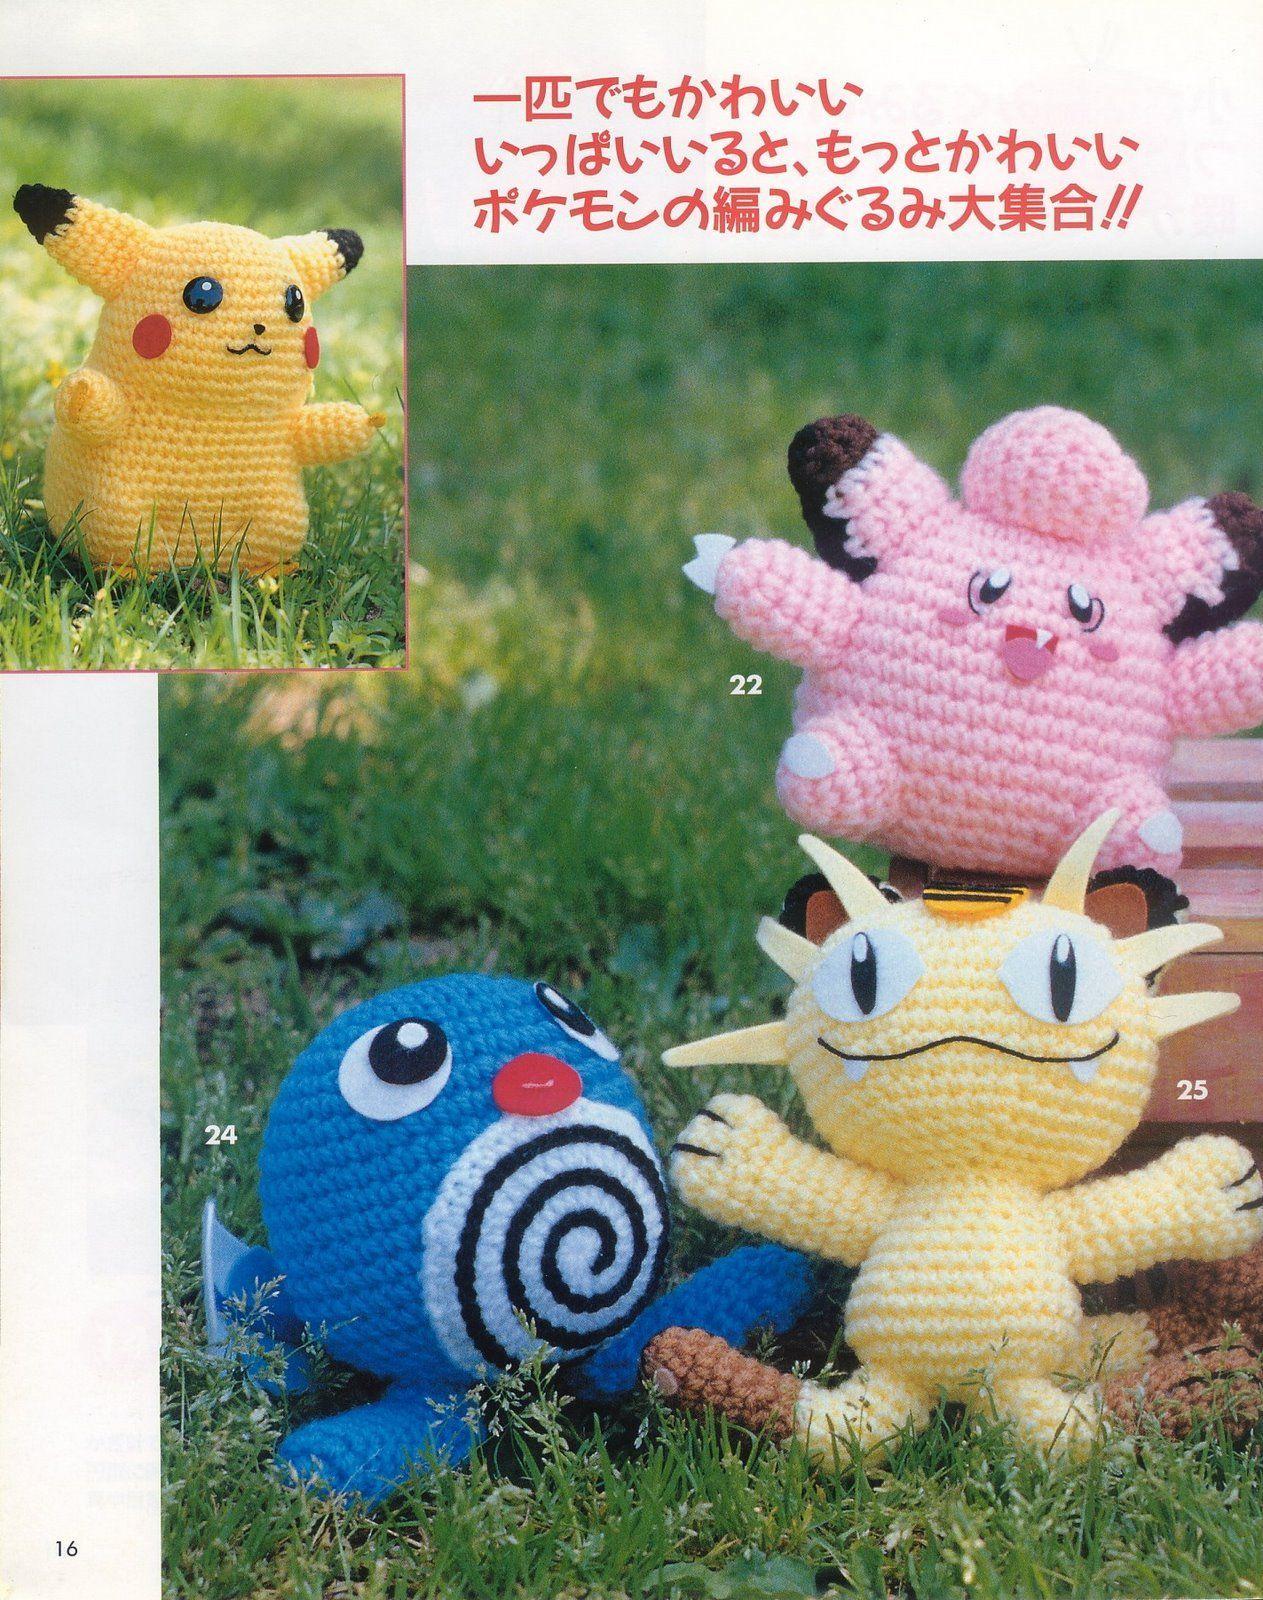 Pokemon Characters Amigurumi - Free Japanese Pattern | Crafts ...